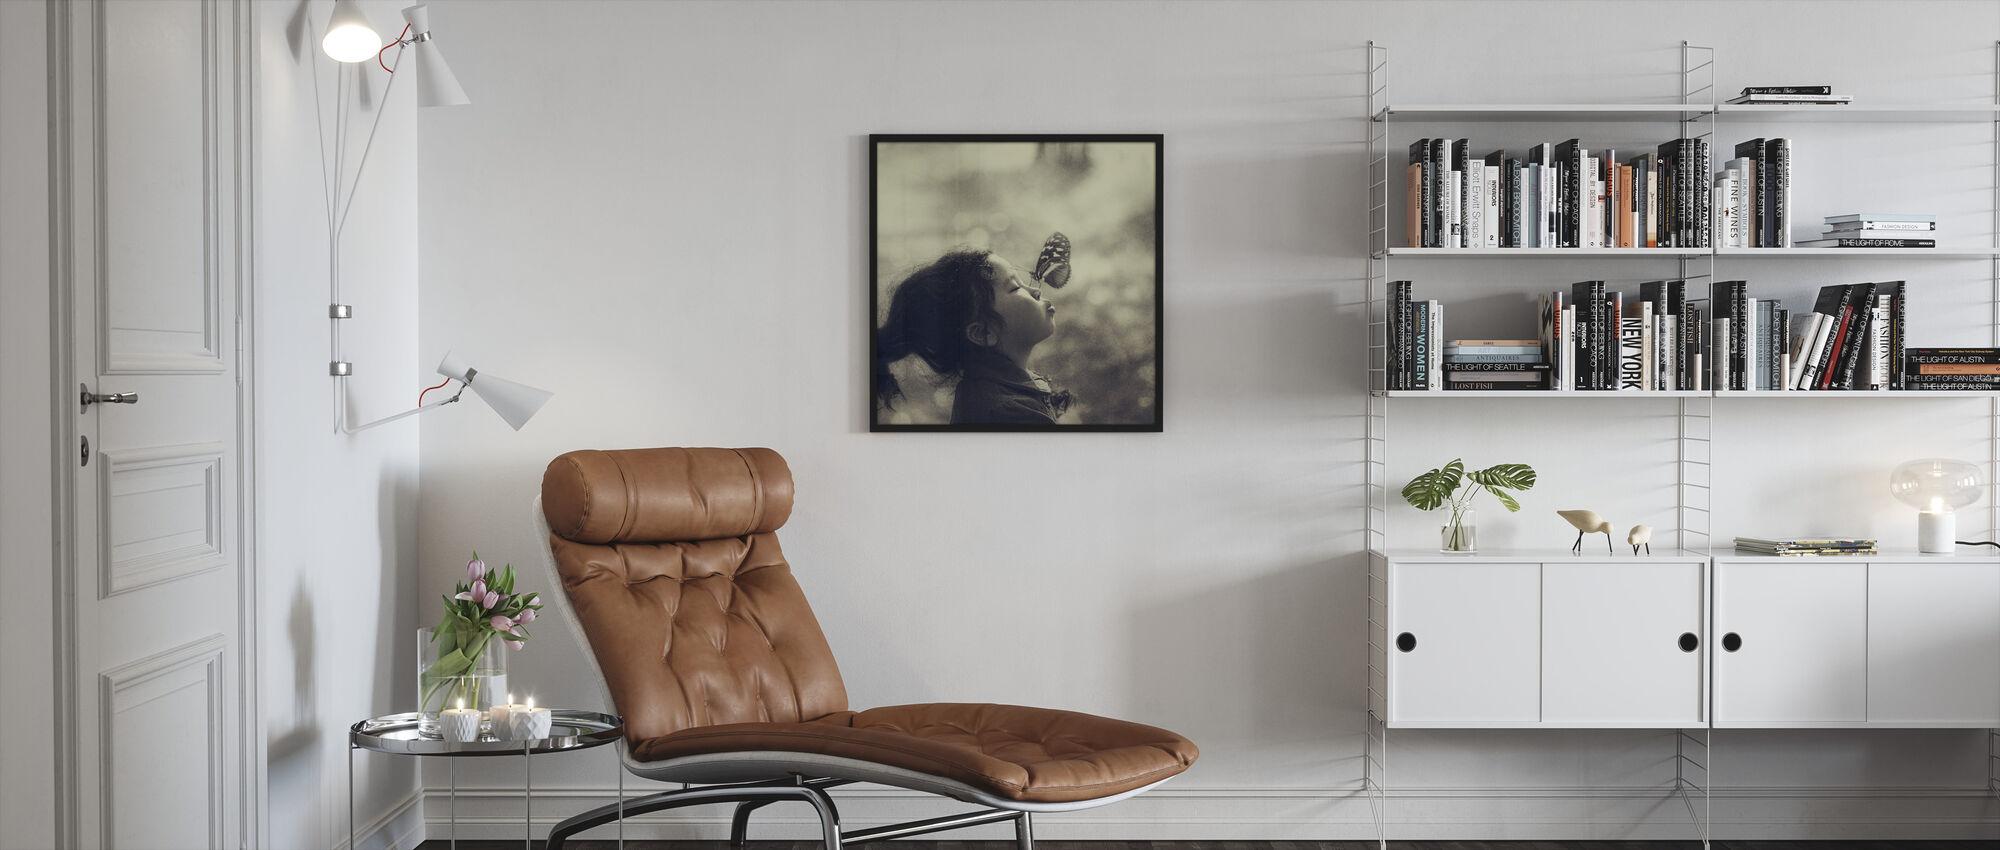 New Friend - Framed print - Living Room